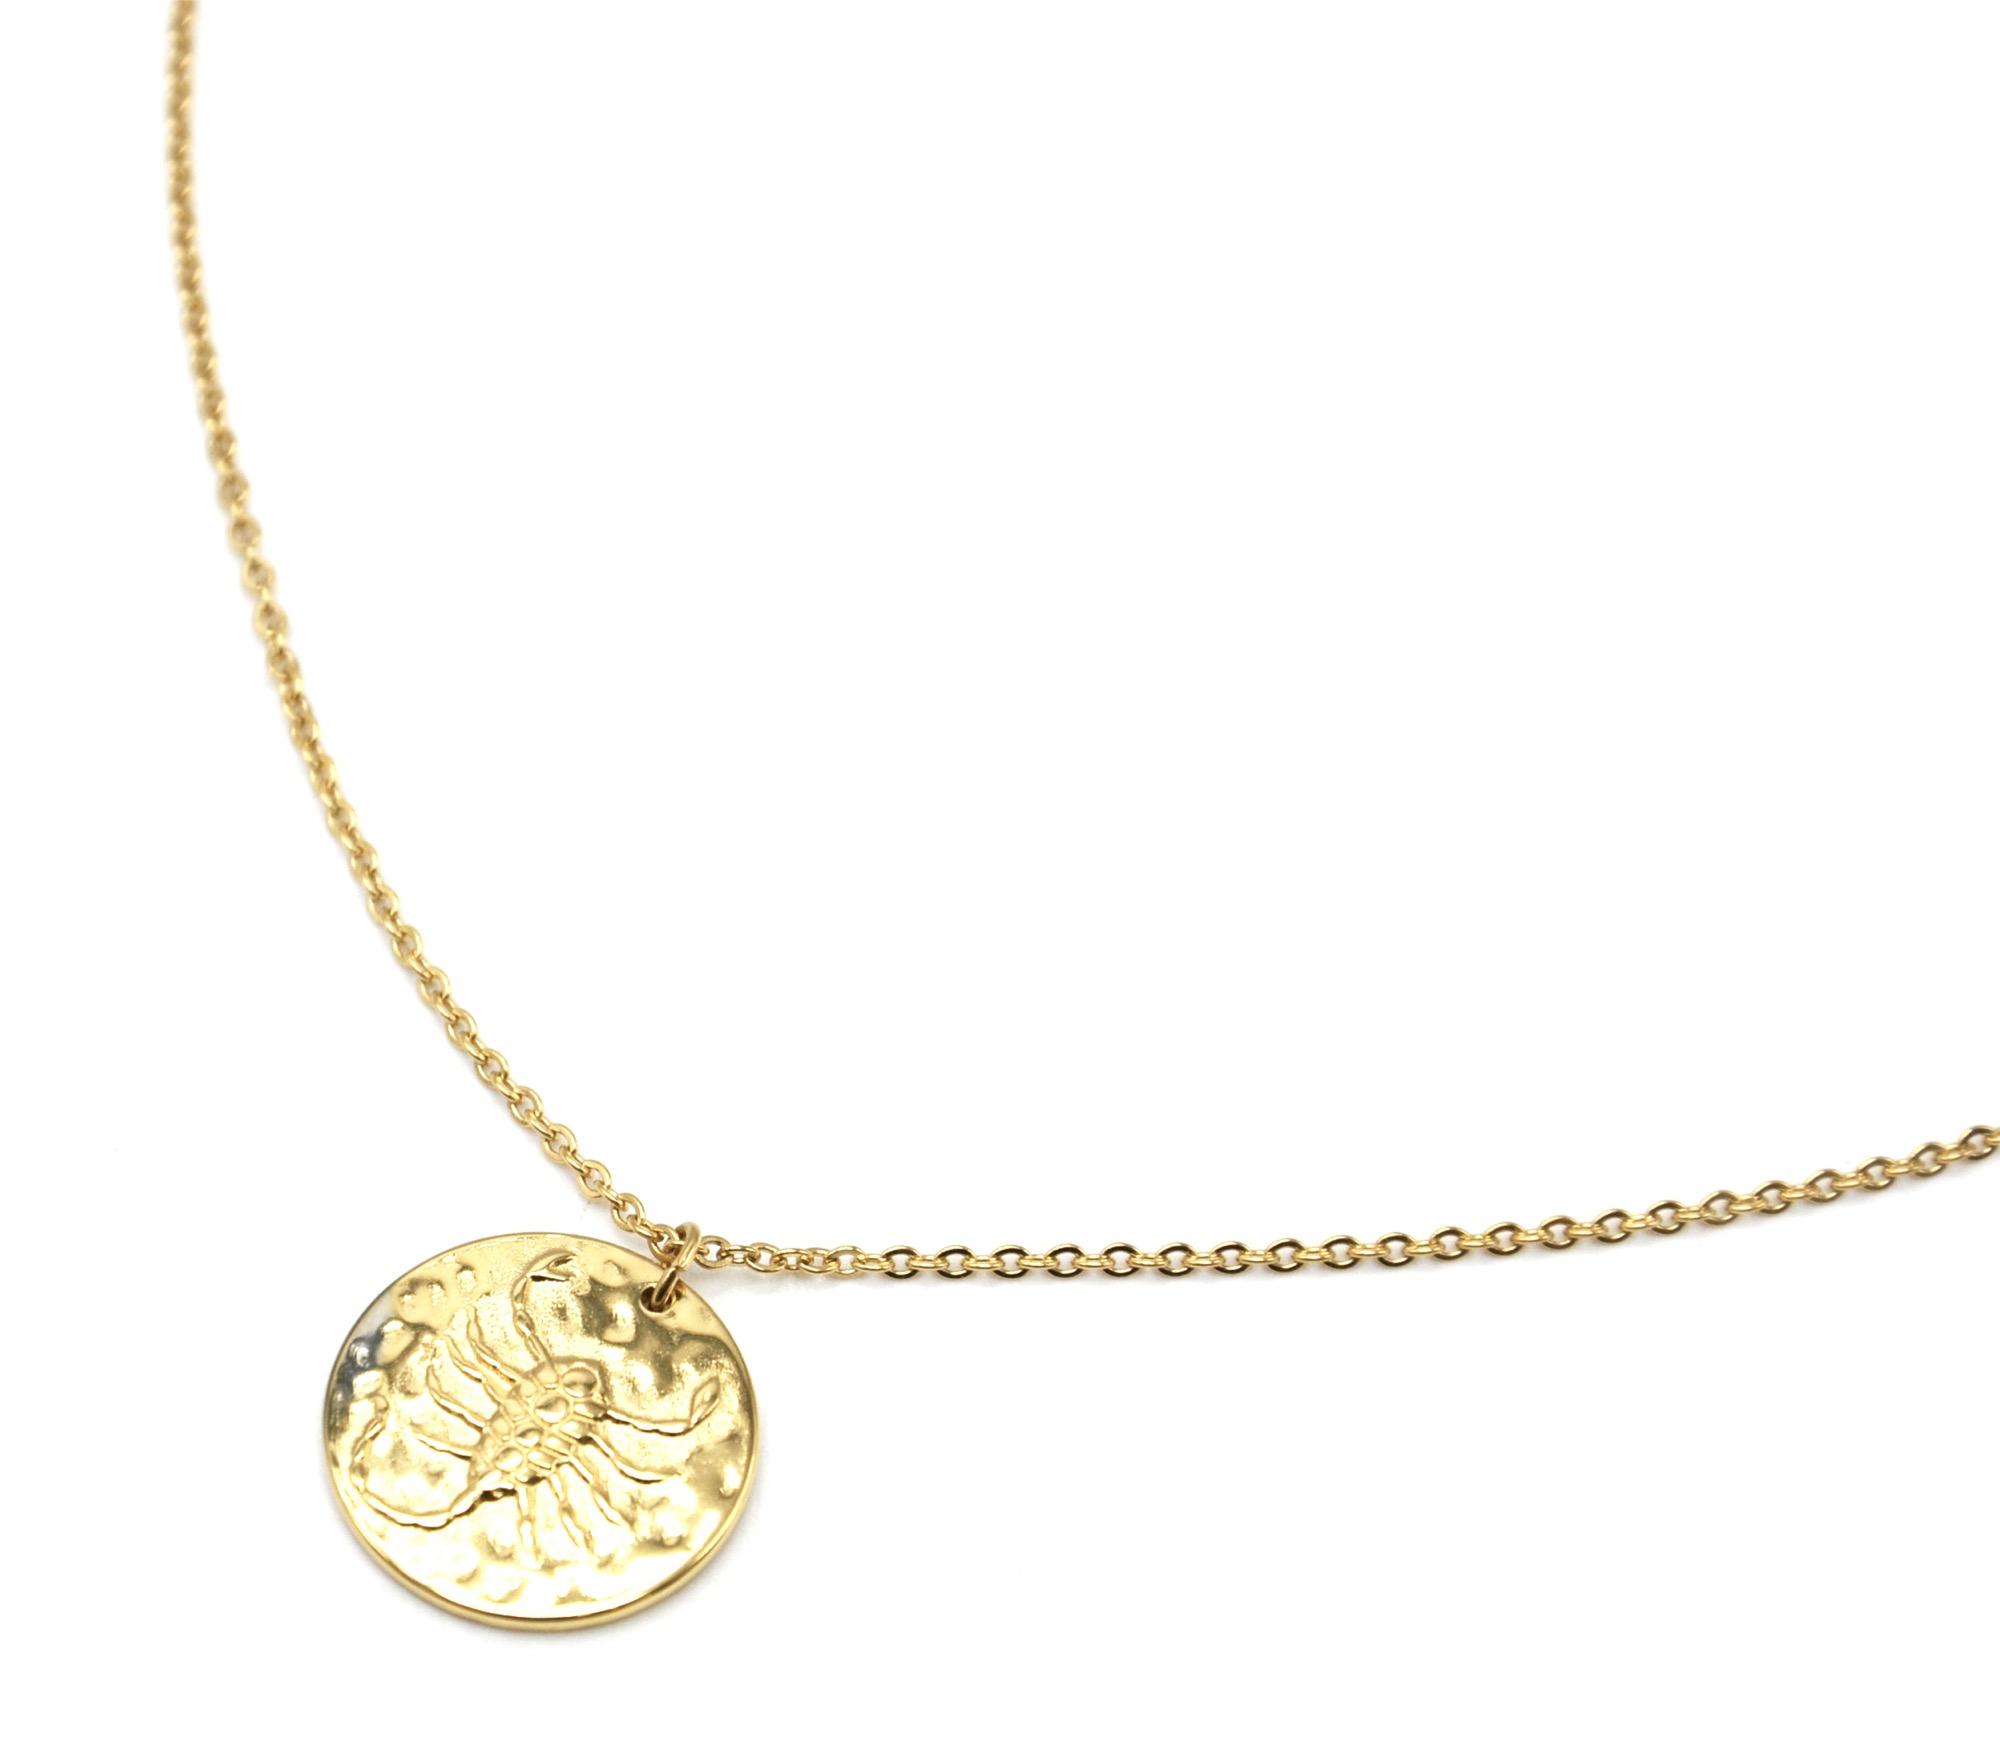 frais frais haut fonctionnaire sélectionner pour plus récent CC2464F - Collier Fine Chaîne Acier Doré avec Pendentif Médaille Scorpion  Signe Zodiaque